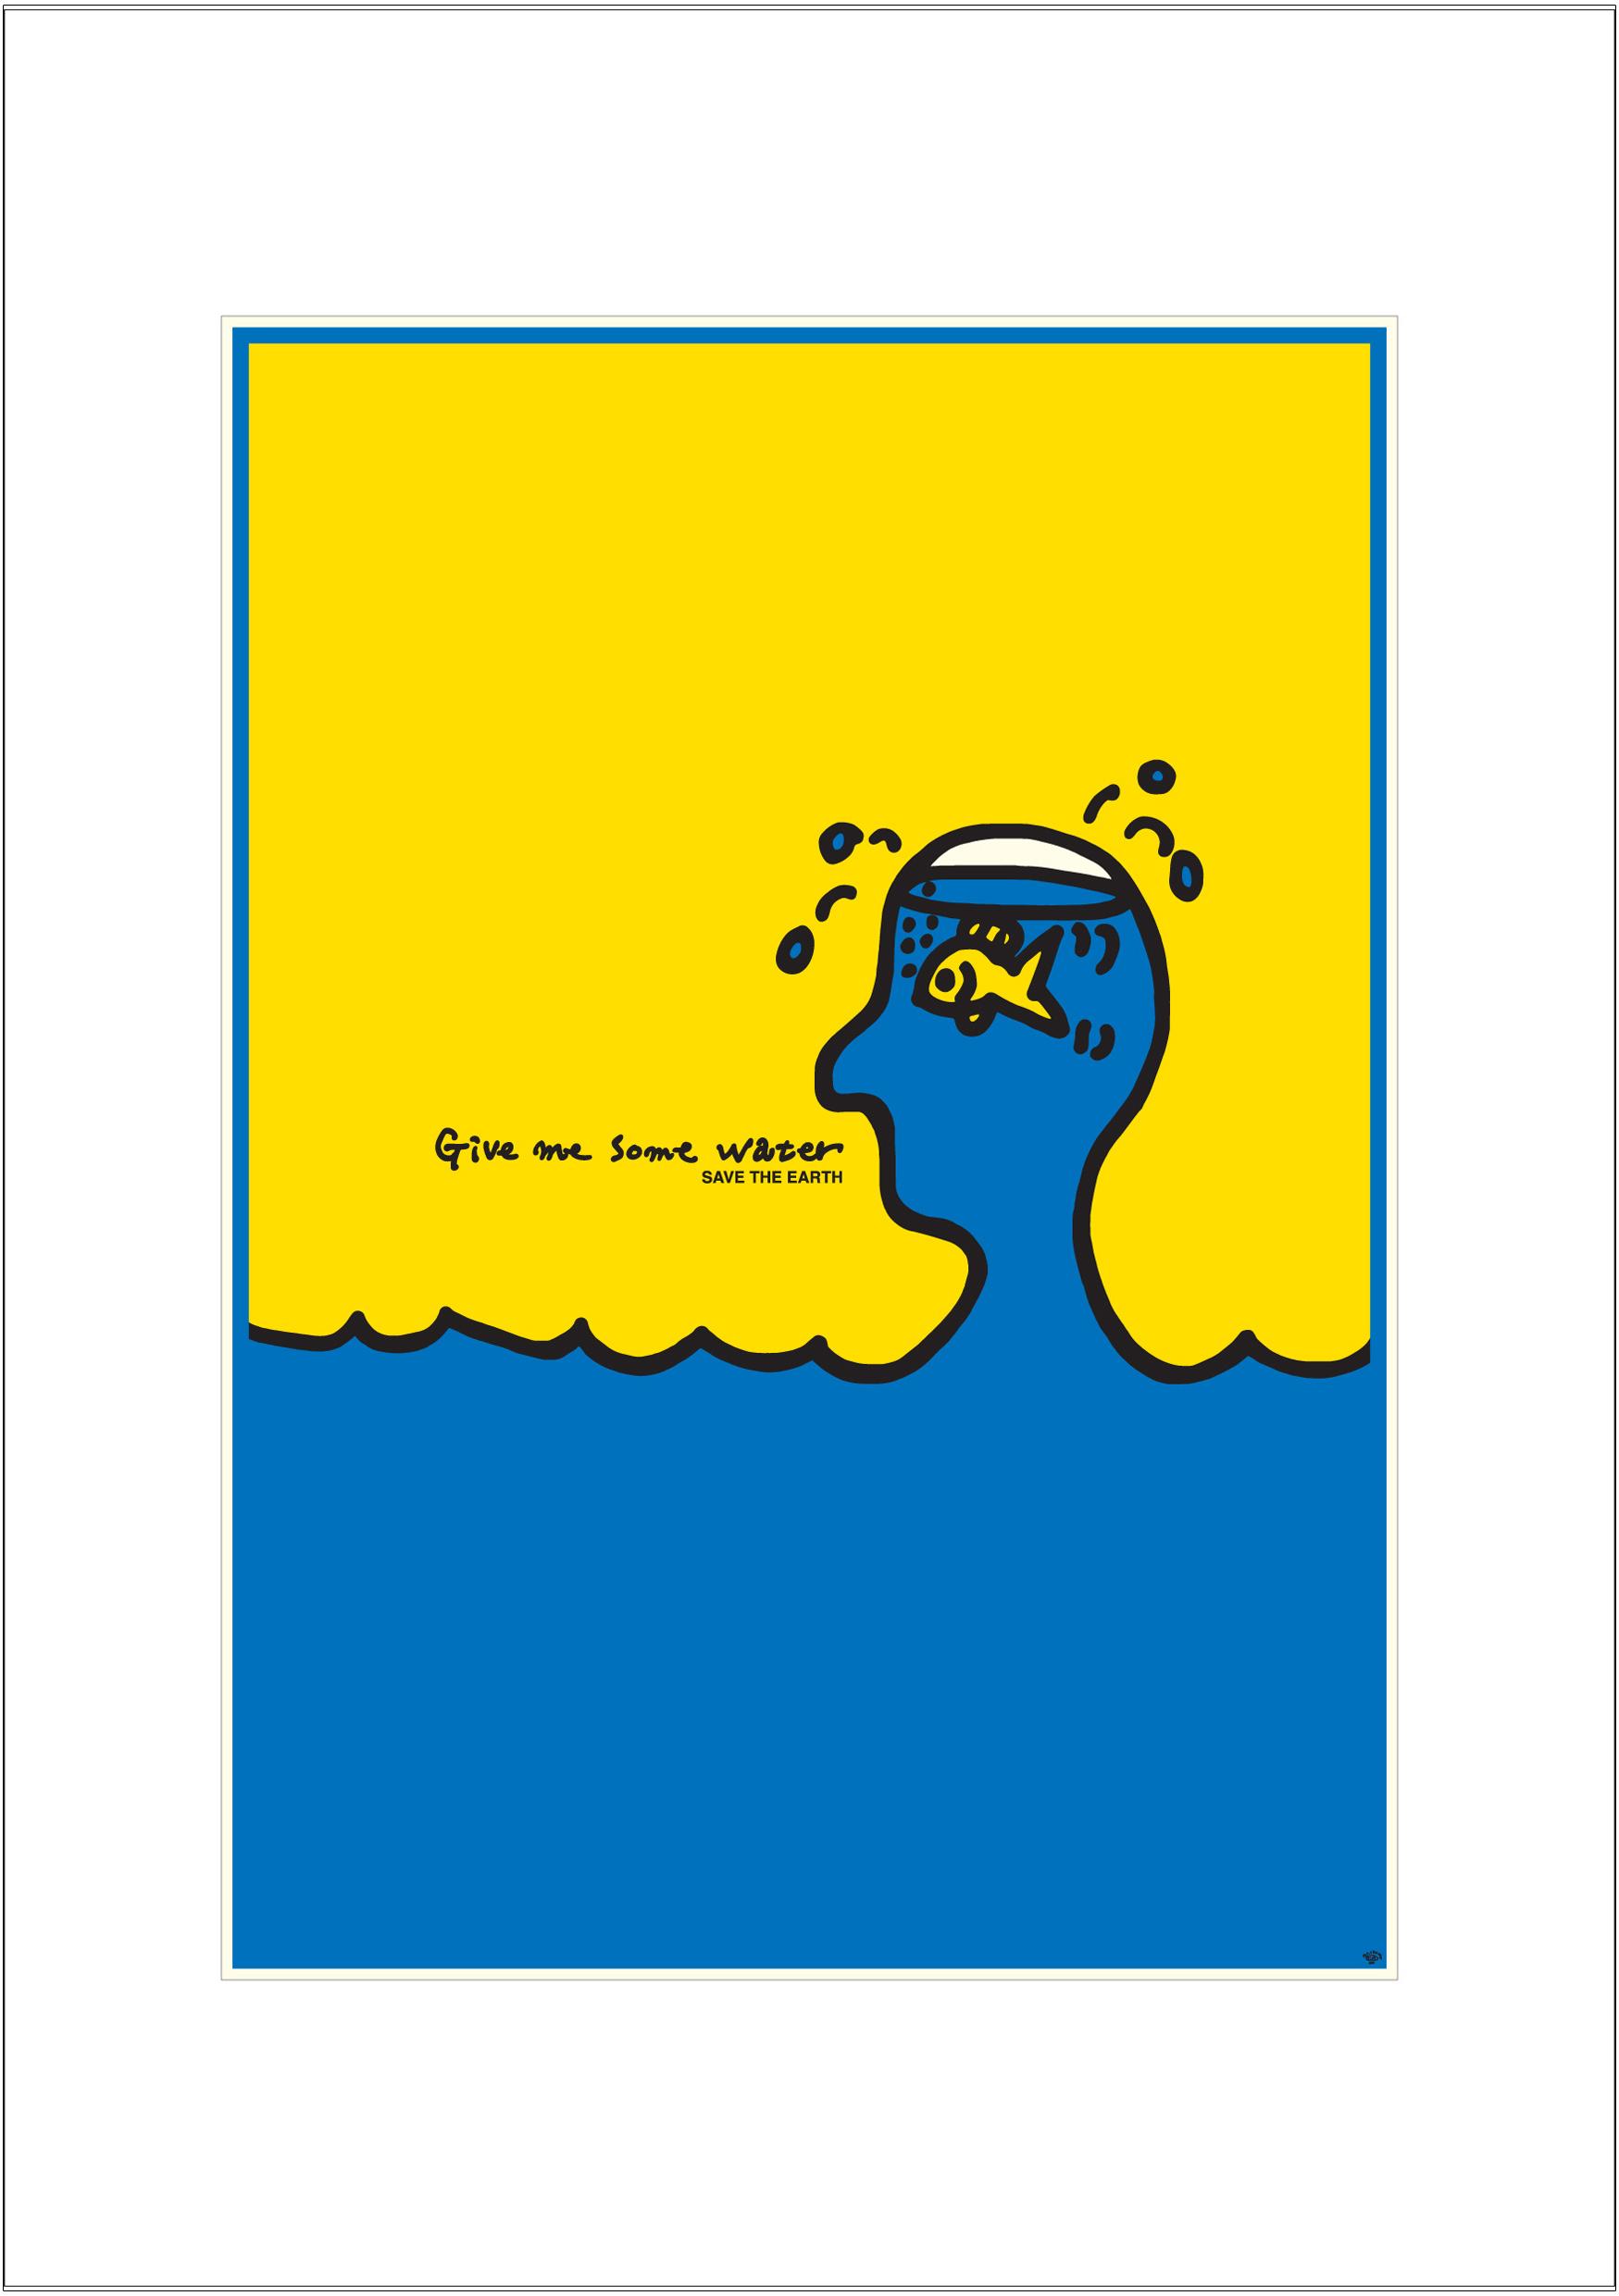 ポスターアーティスト秋山孝が2005年に制作したアートカード「アートカード ポスター 2005 01」